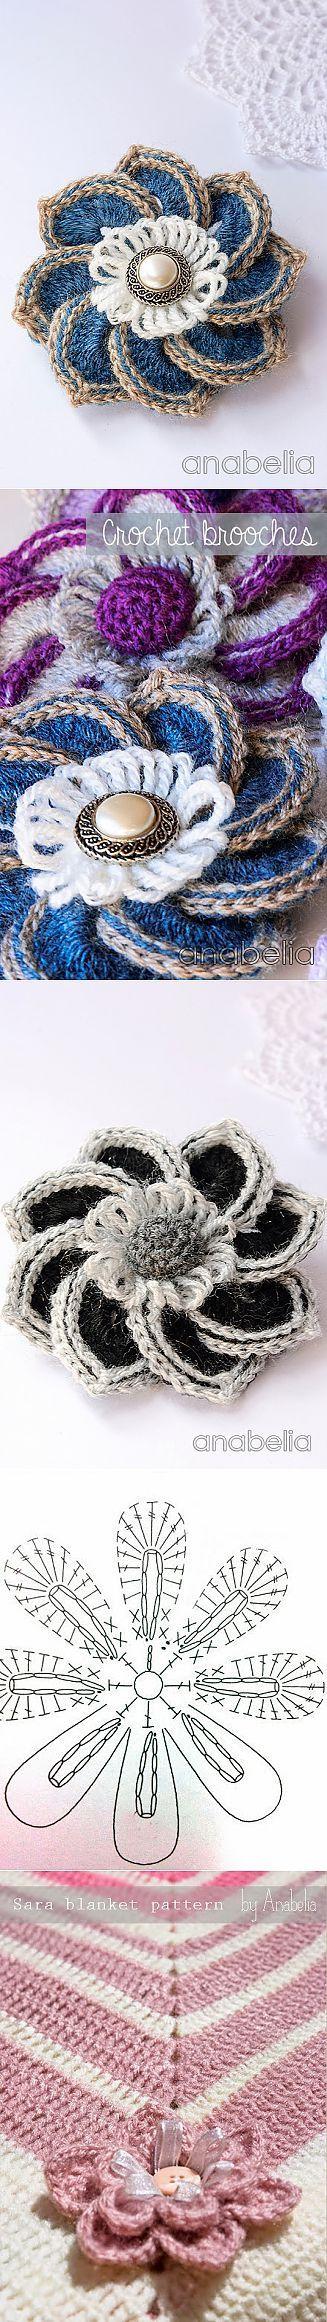 flor broche